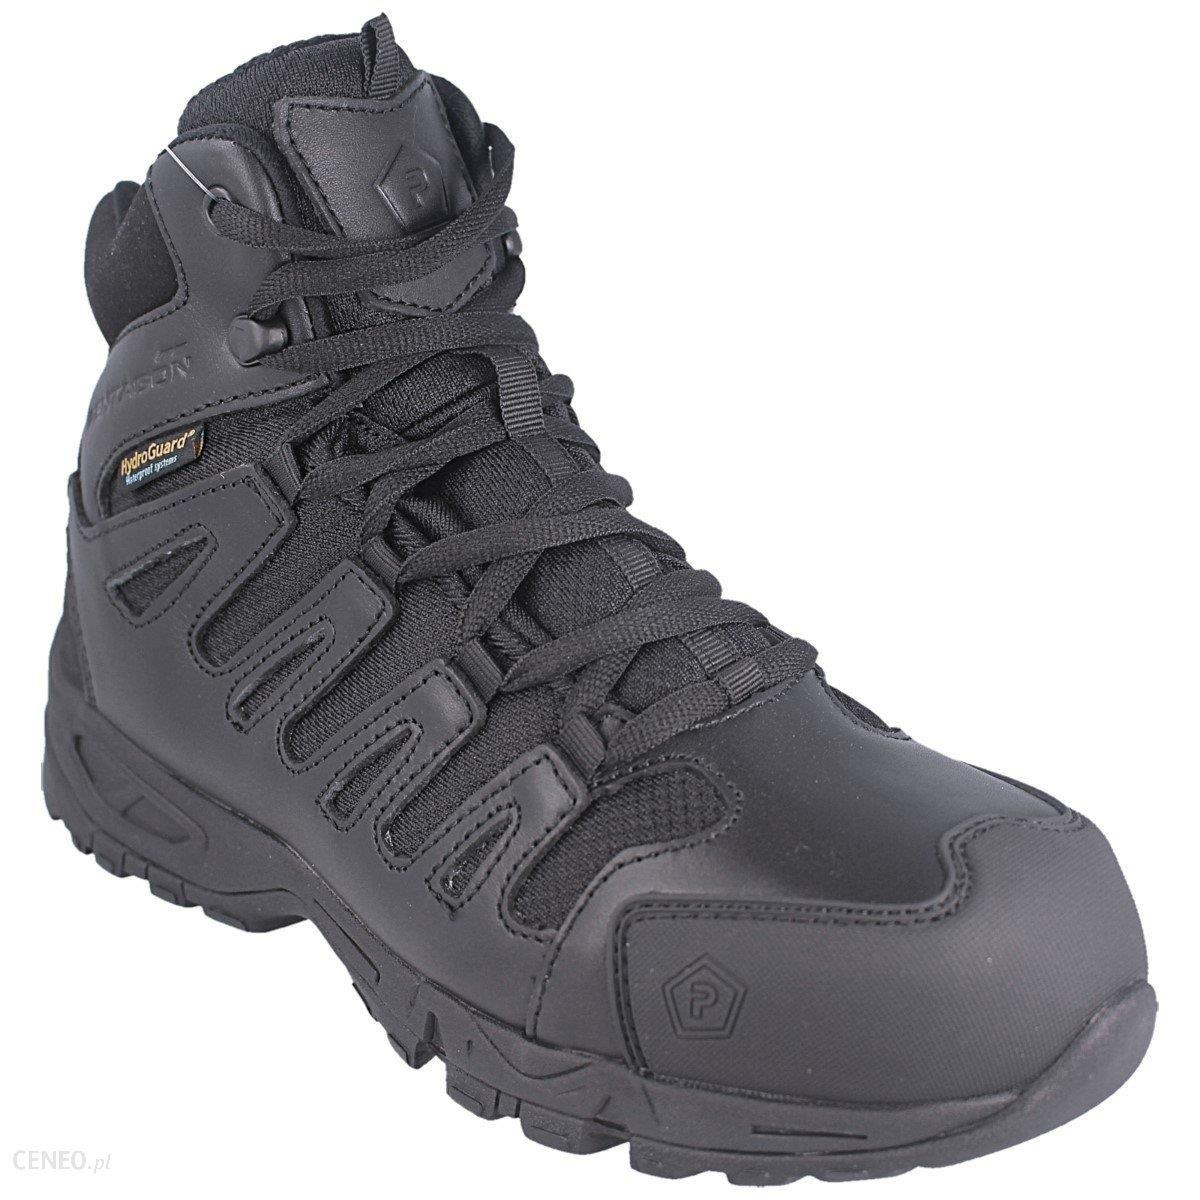 Pentagon Buty Achilles Tactical Xtr 6'' Black (K15030-01)